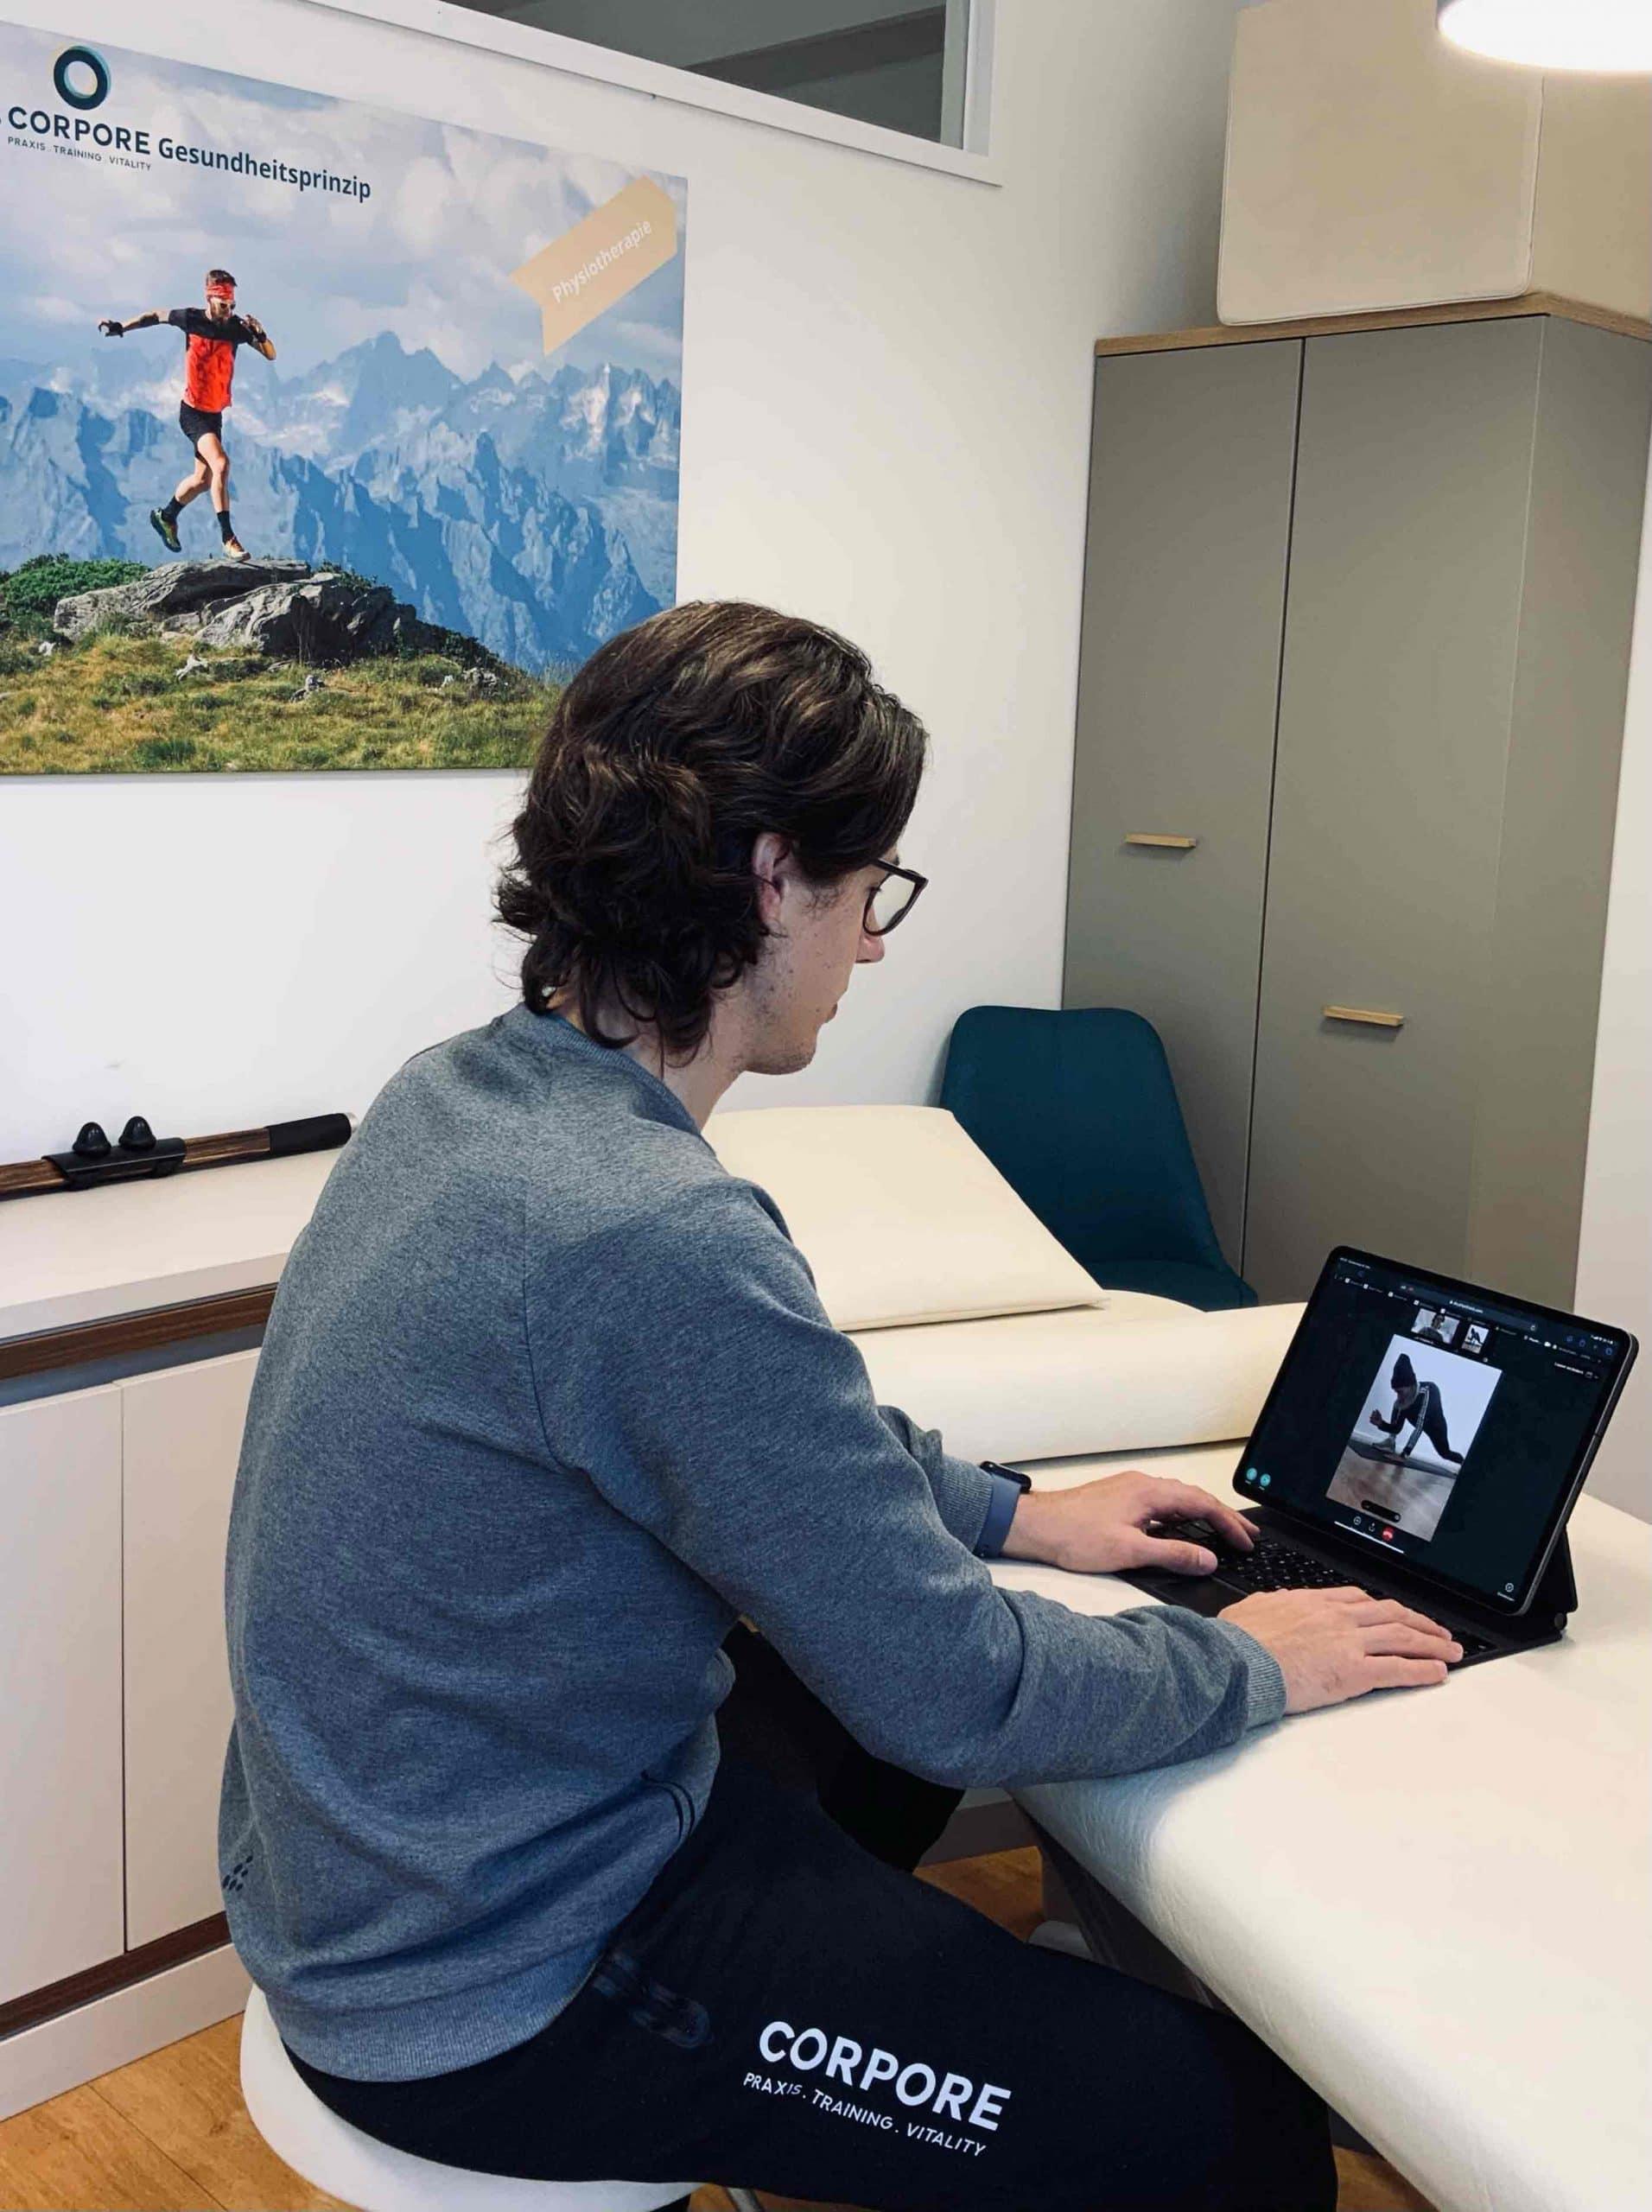 Physiotherapeut in Ausführung der Online Physiotherapie